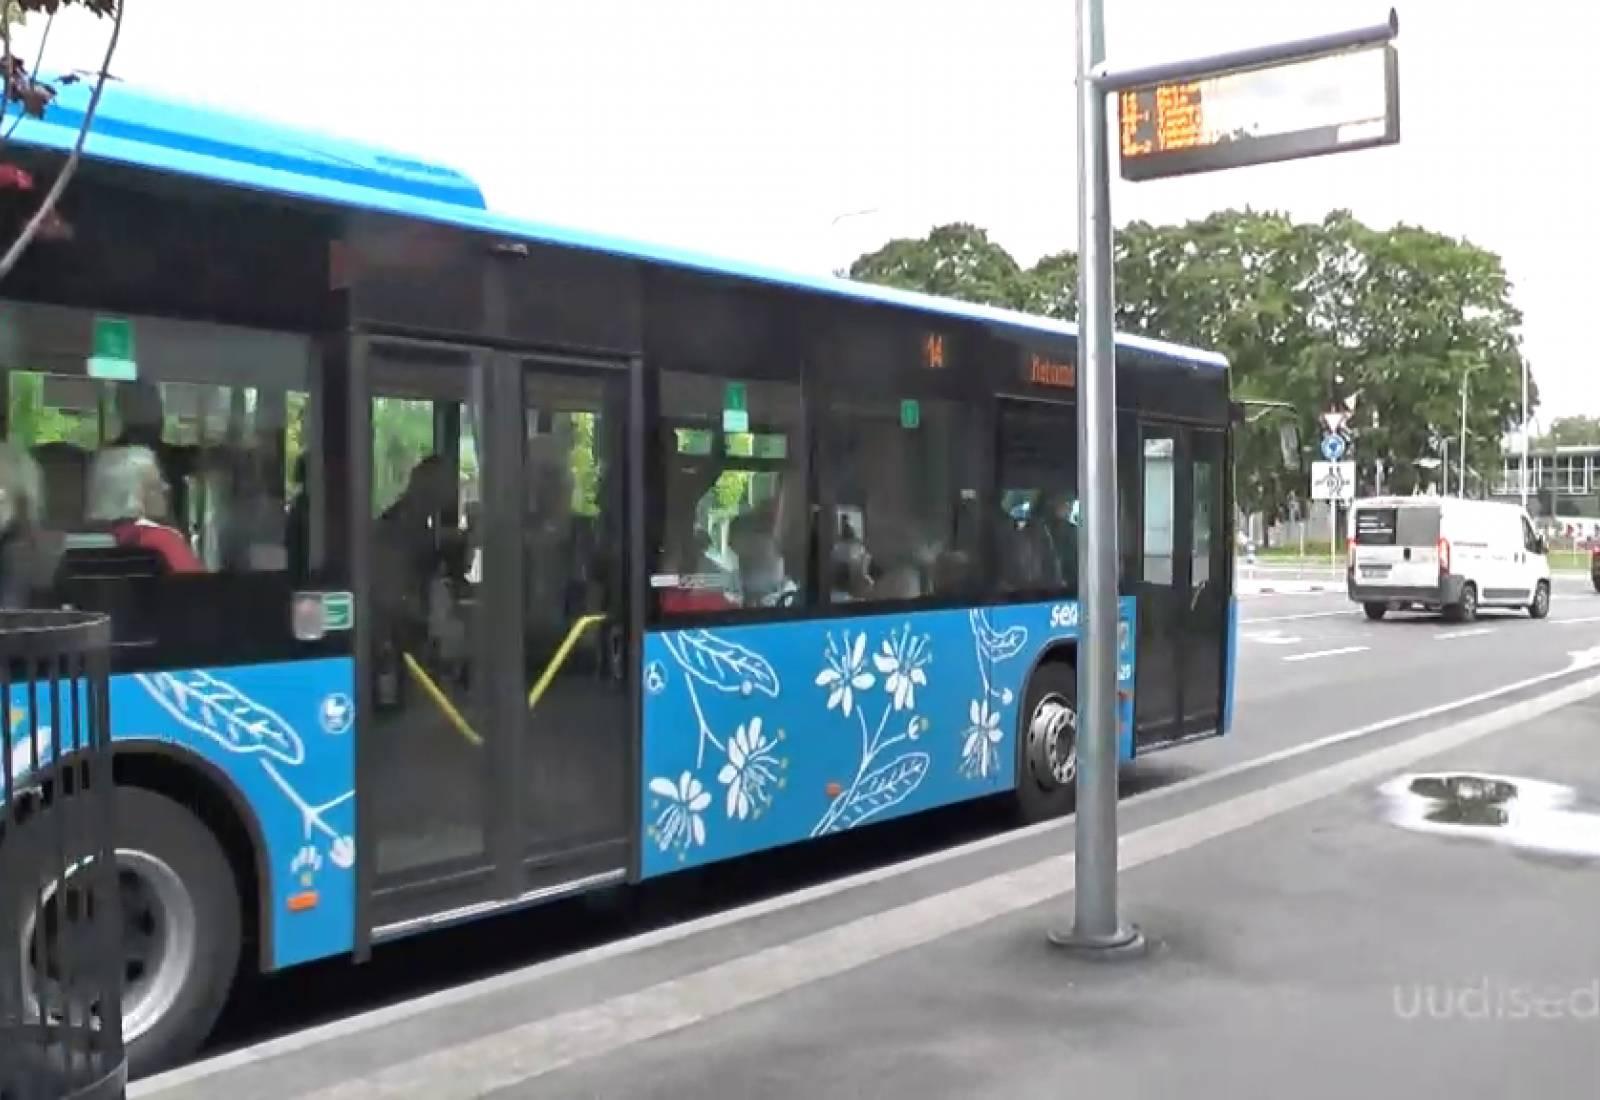 TASUTA SÕIT KÕIGILE I Tallinna ühistranspordis on sõit kõigile tasuta mai lõpuni